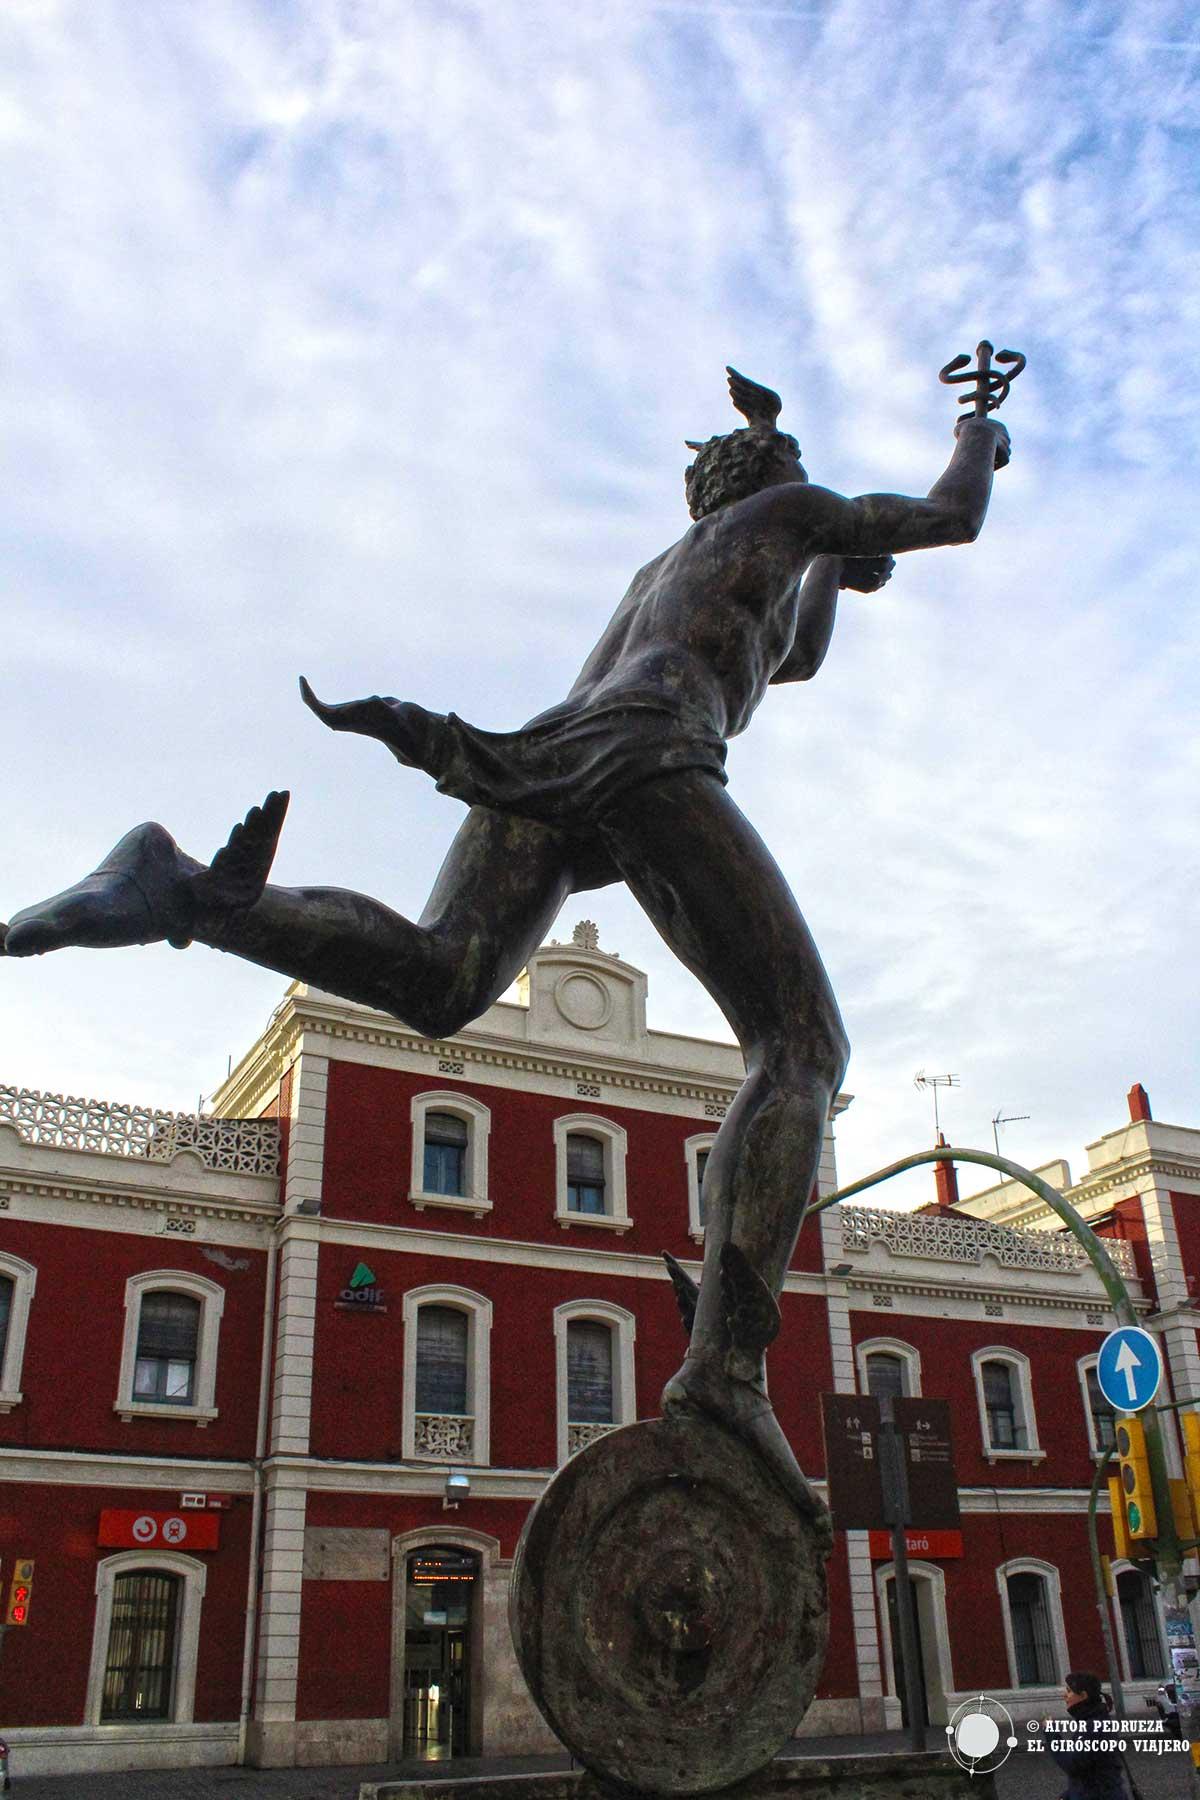 Escultura de Hermex, homenaje a Miquel Biada junto a la estación de tren de Mataró